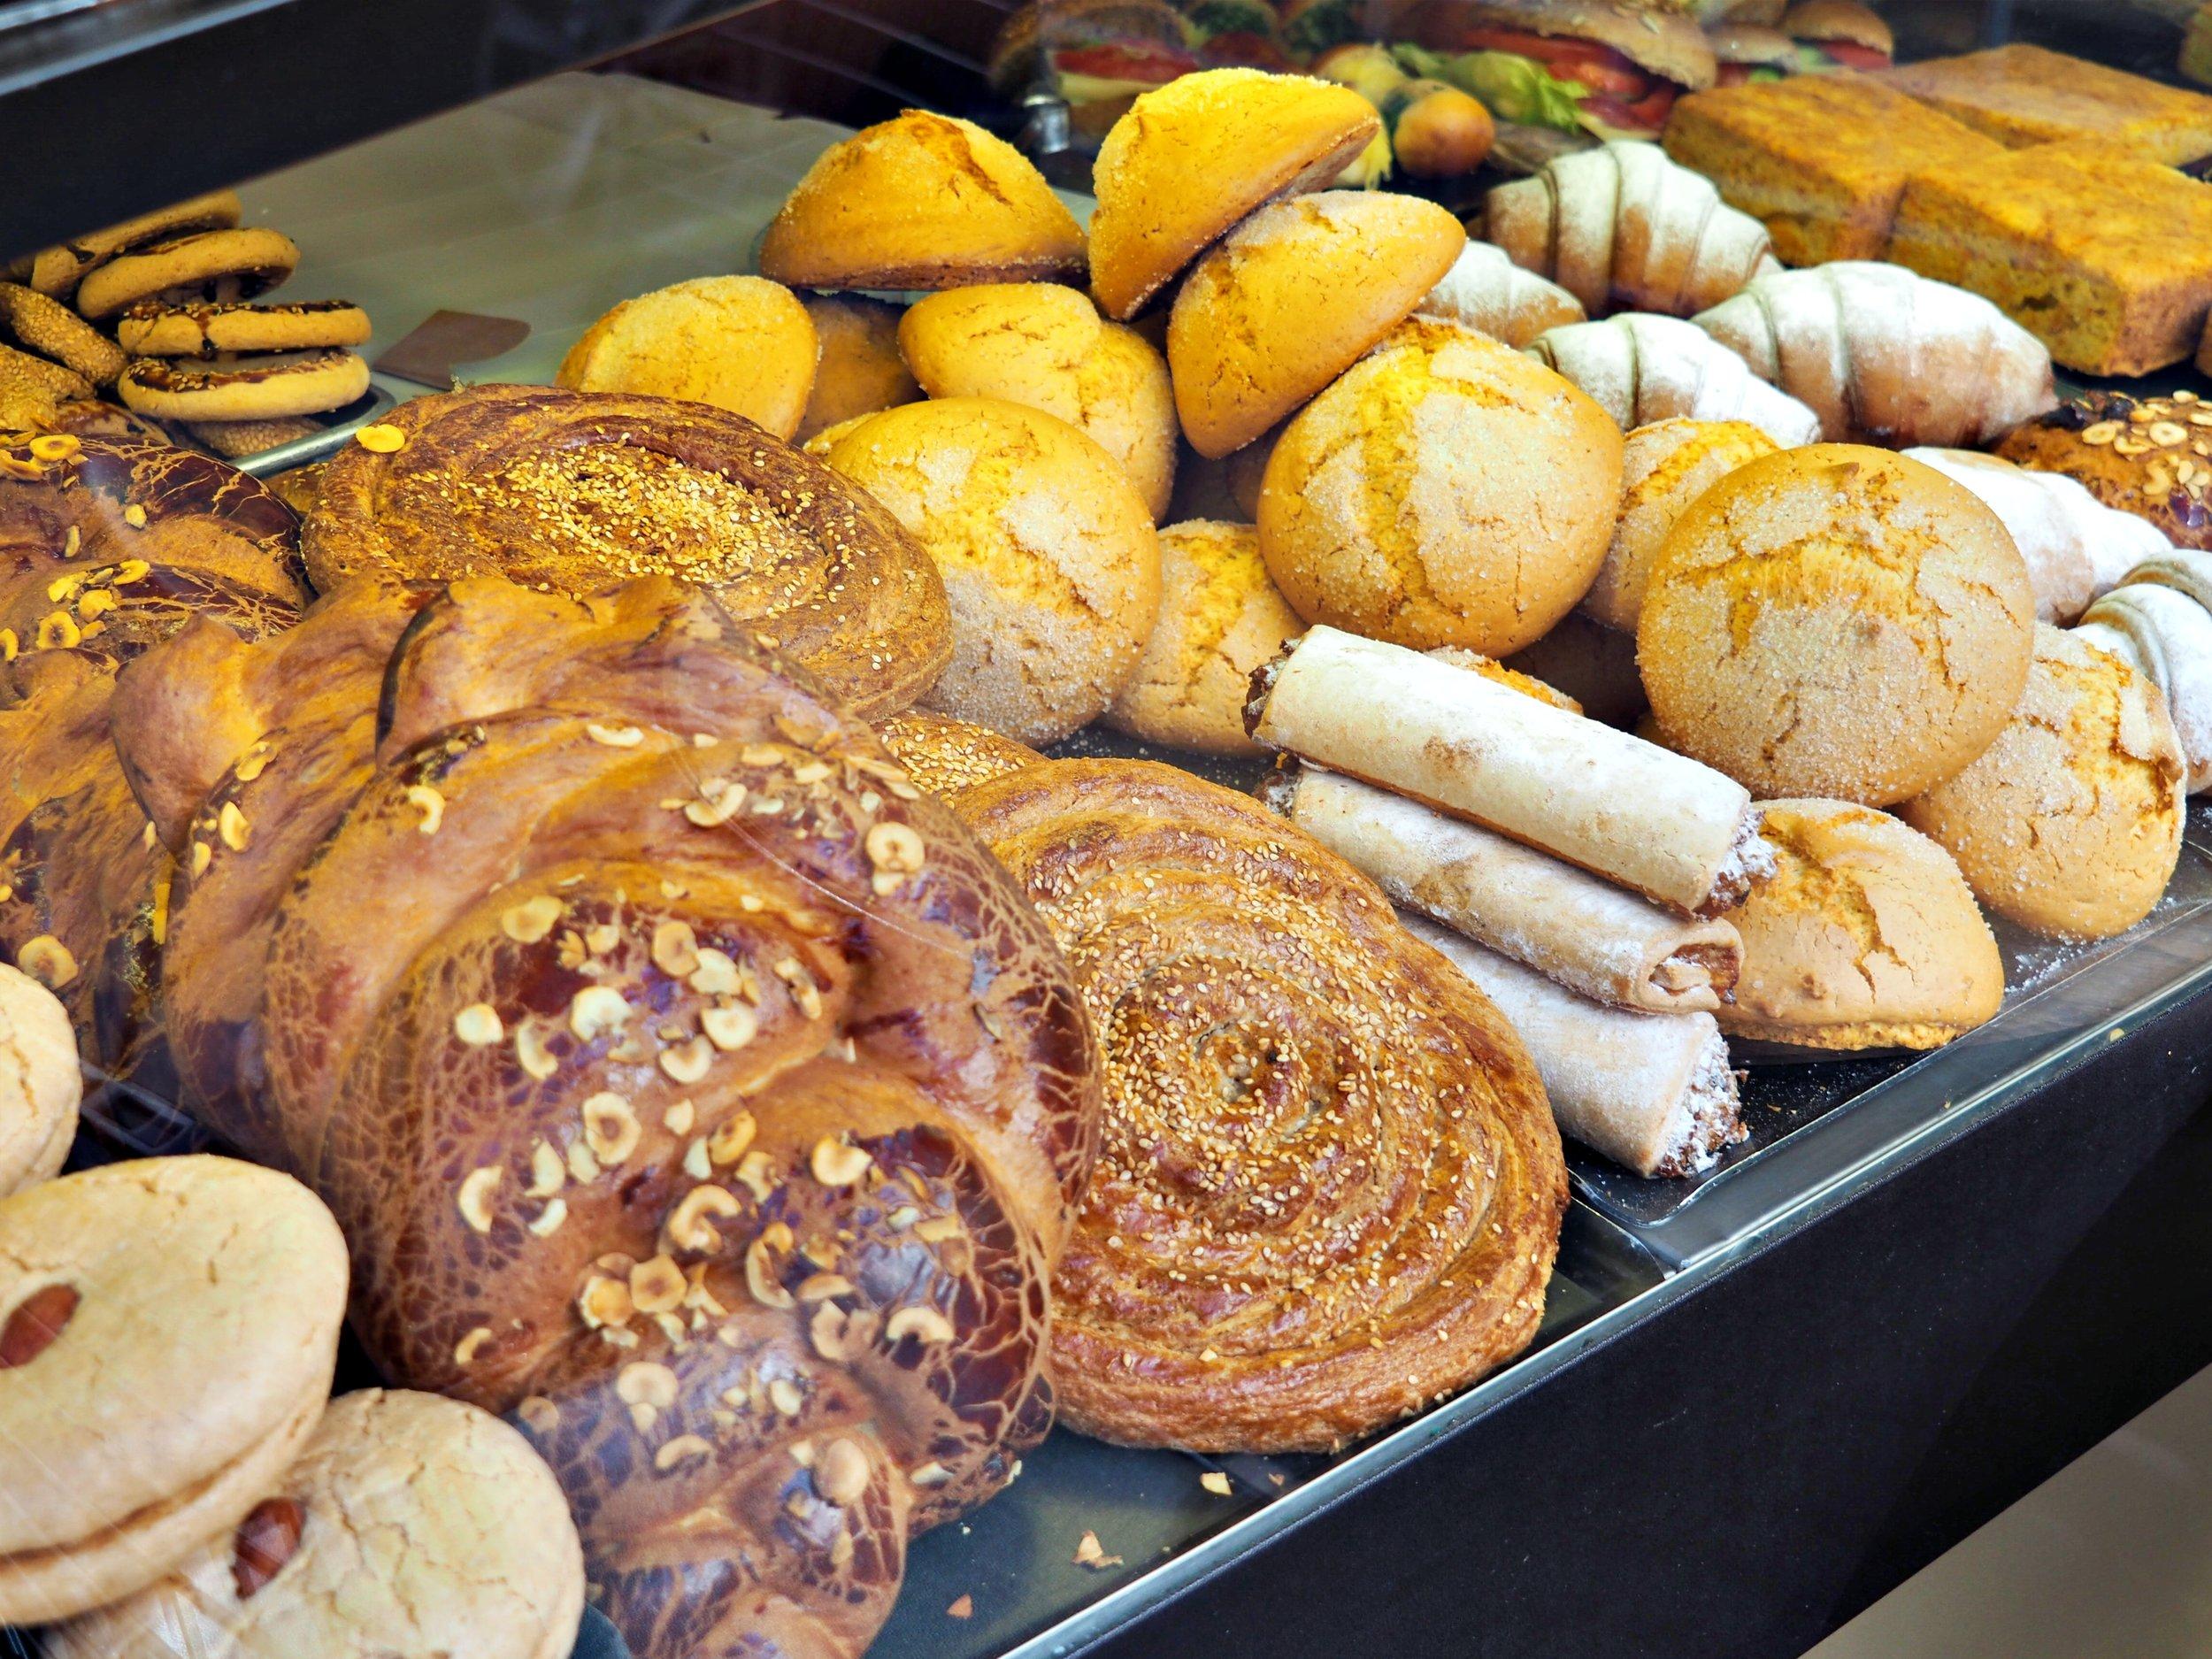 Turkish bakery kurabiye Istanbul Turkey.jpg